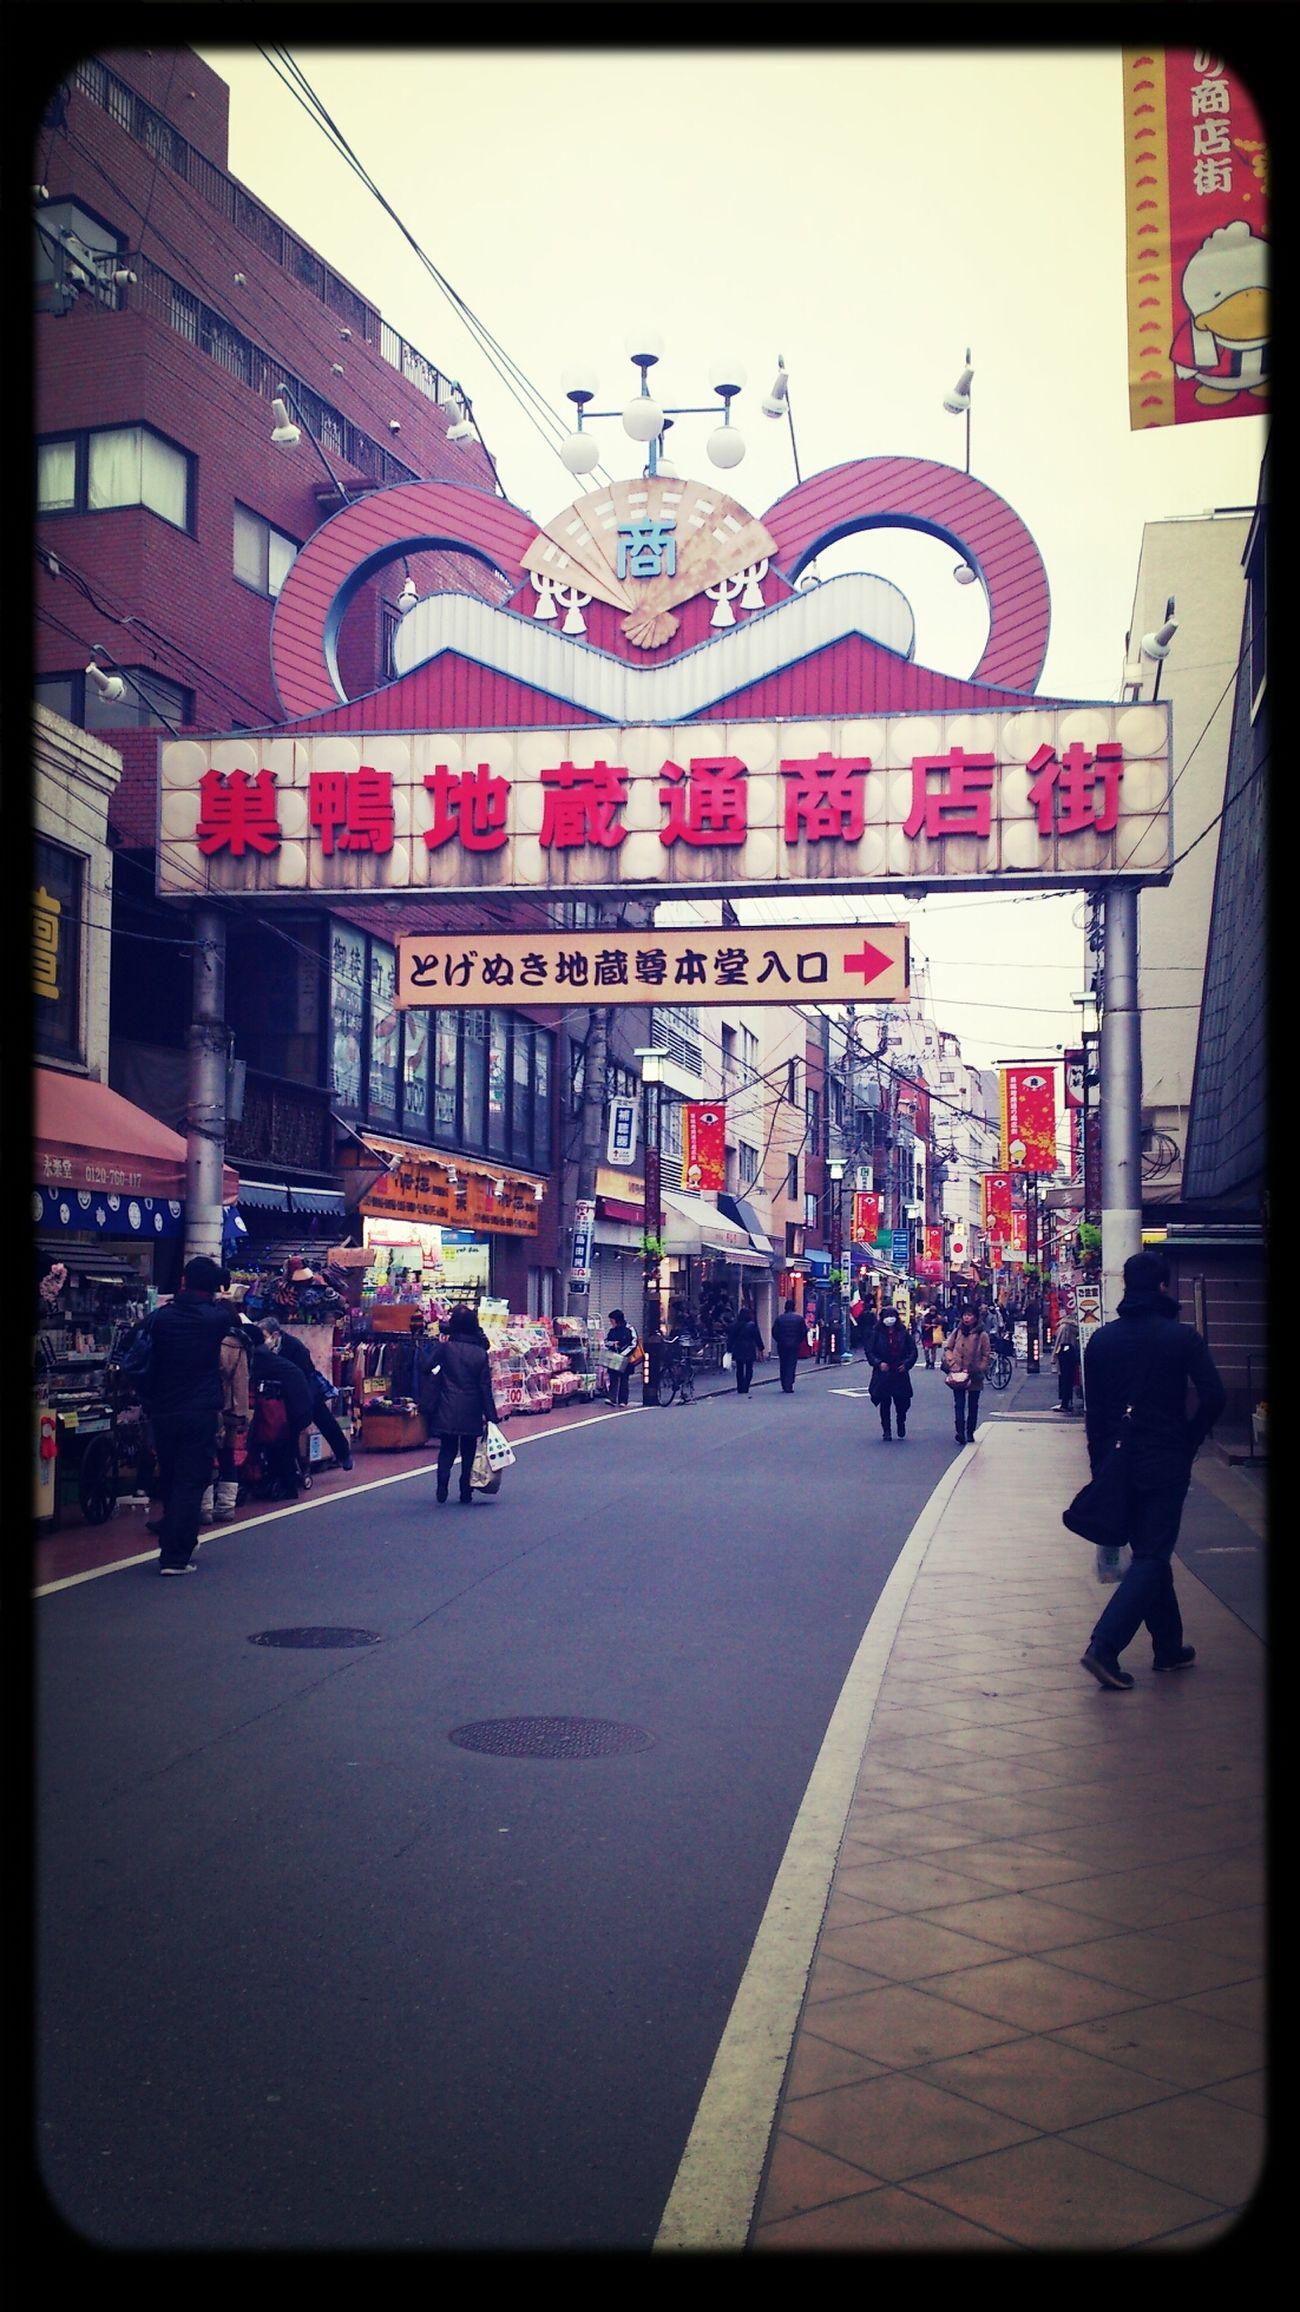 At 巣鴨駅 (Sugamo Sta.)